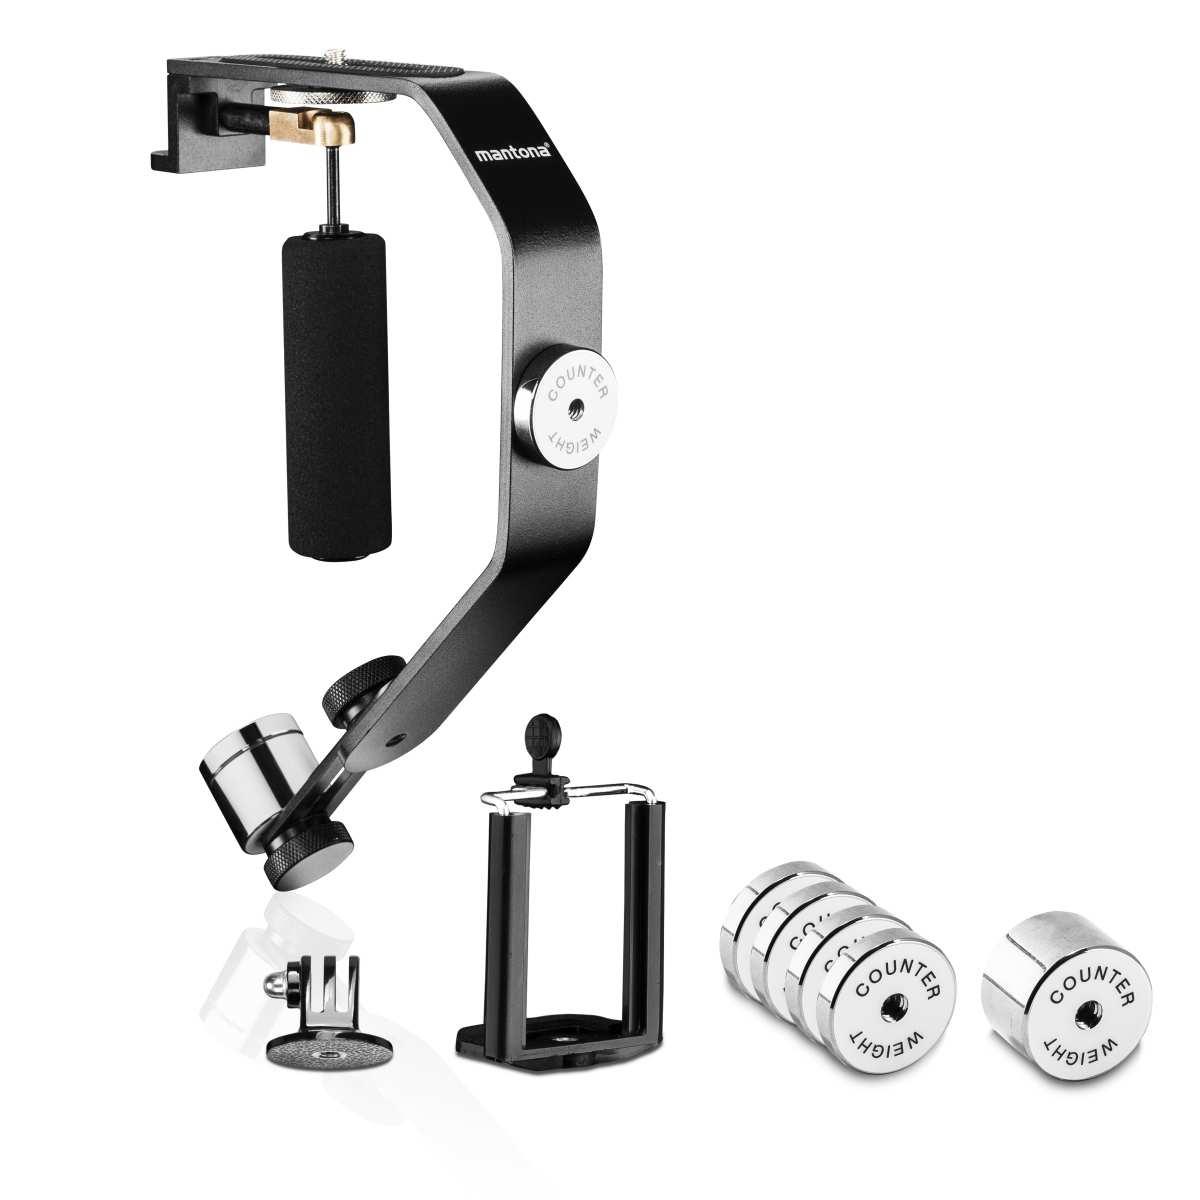 Mantona steadycam for Action Cams 1/4 inch thread